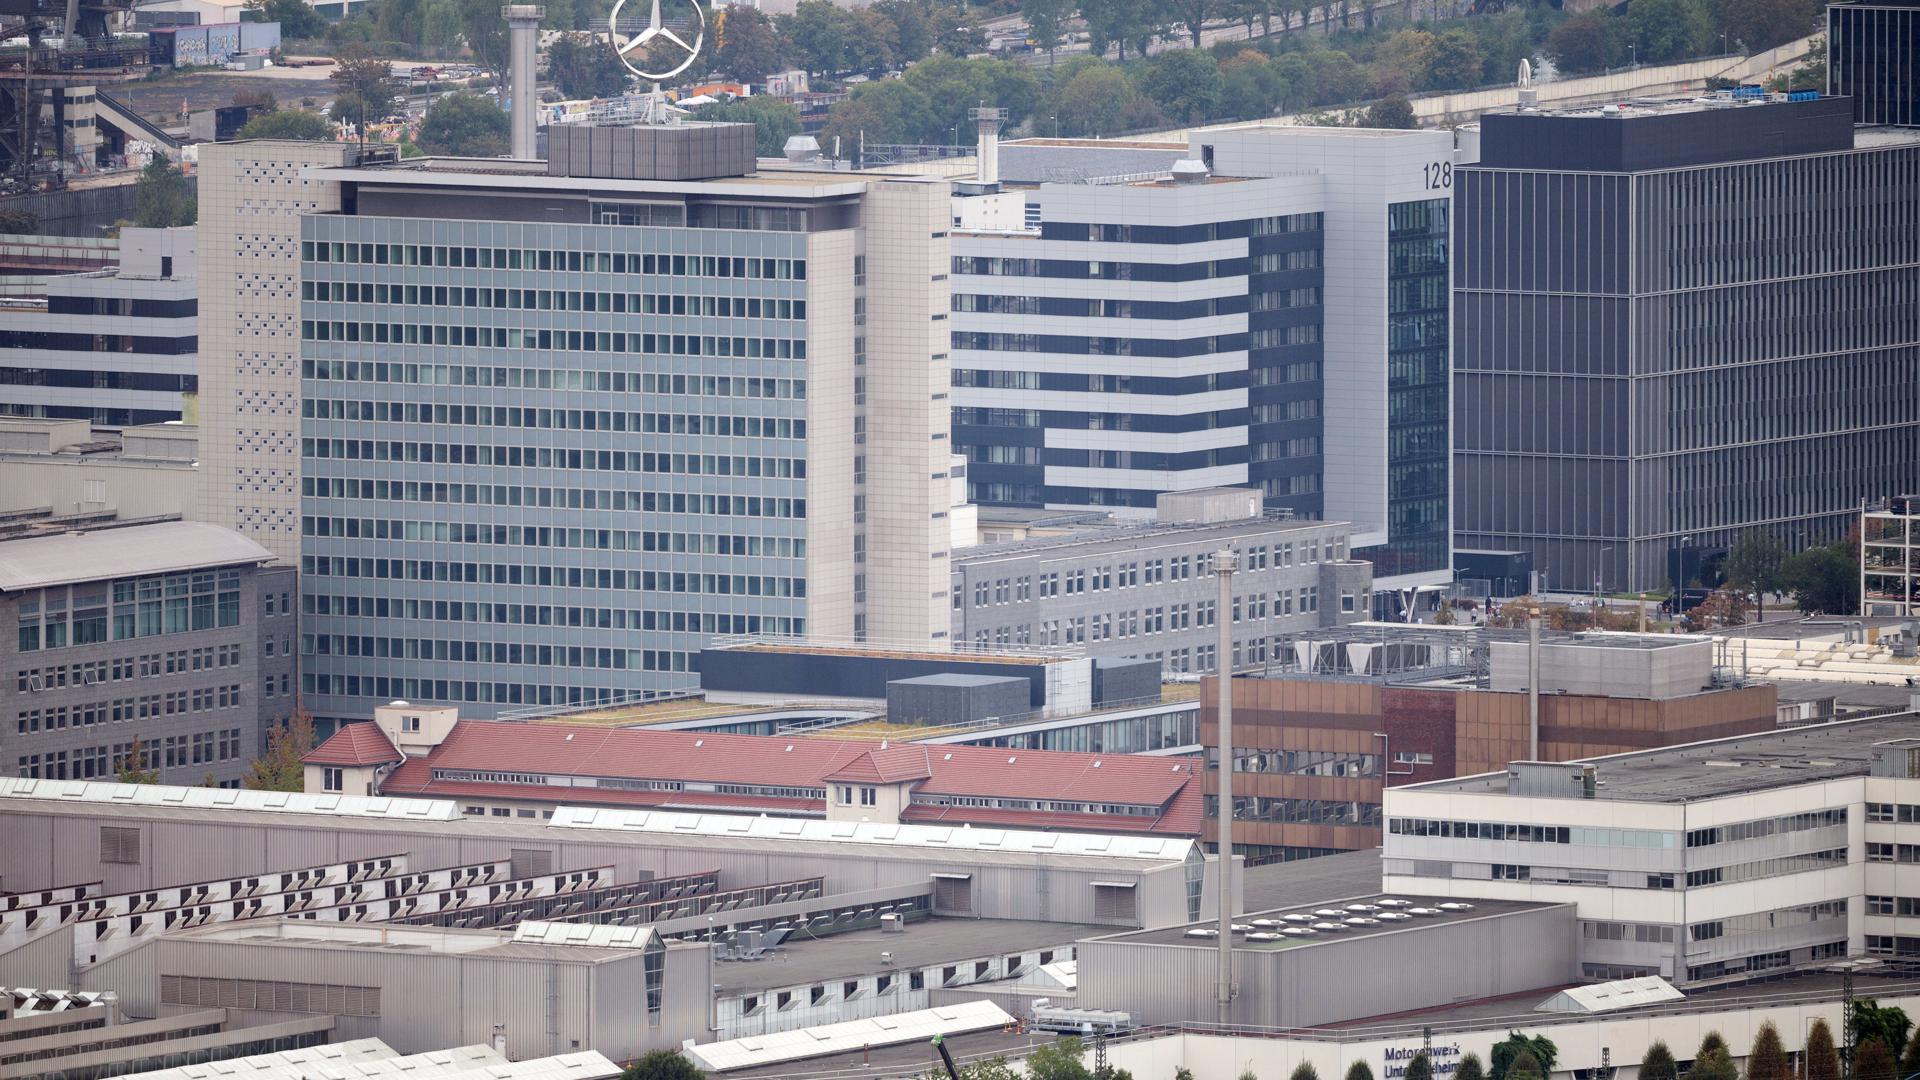 Blick auf das Mercedes-Benz Werk in Stuttgart-Untertürkheim.